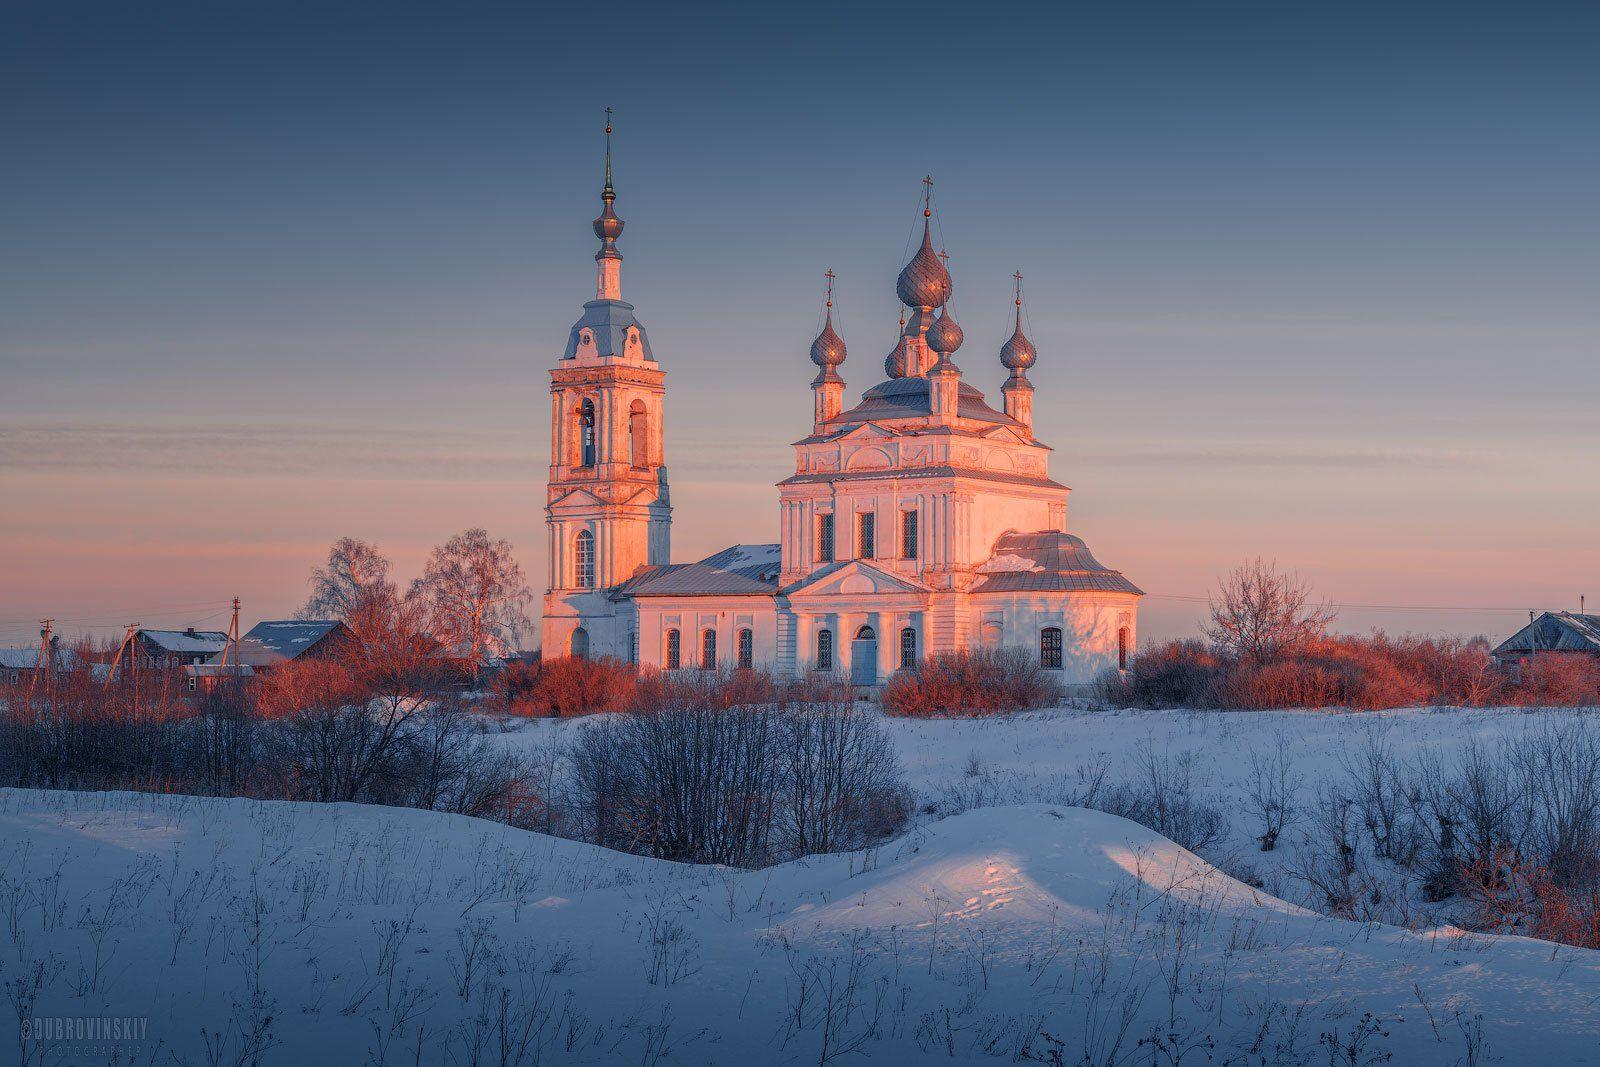 савинское, село, церковь, зима, рассвет, ярославская область, Дубровинский Михаил